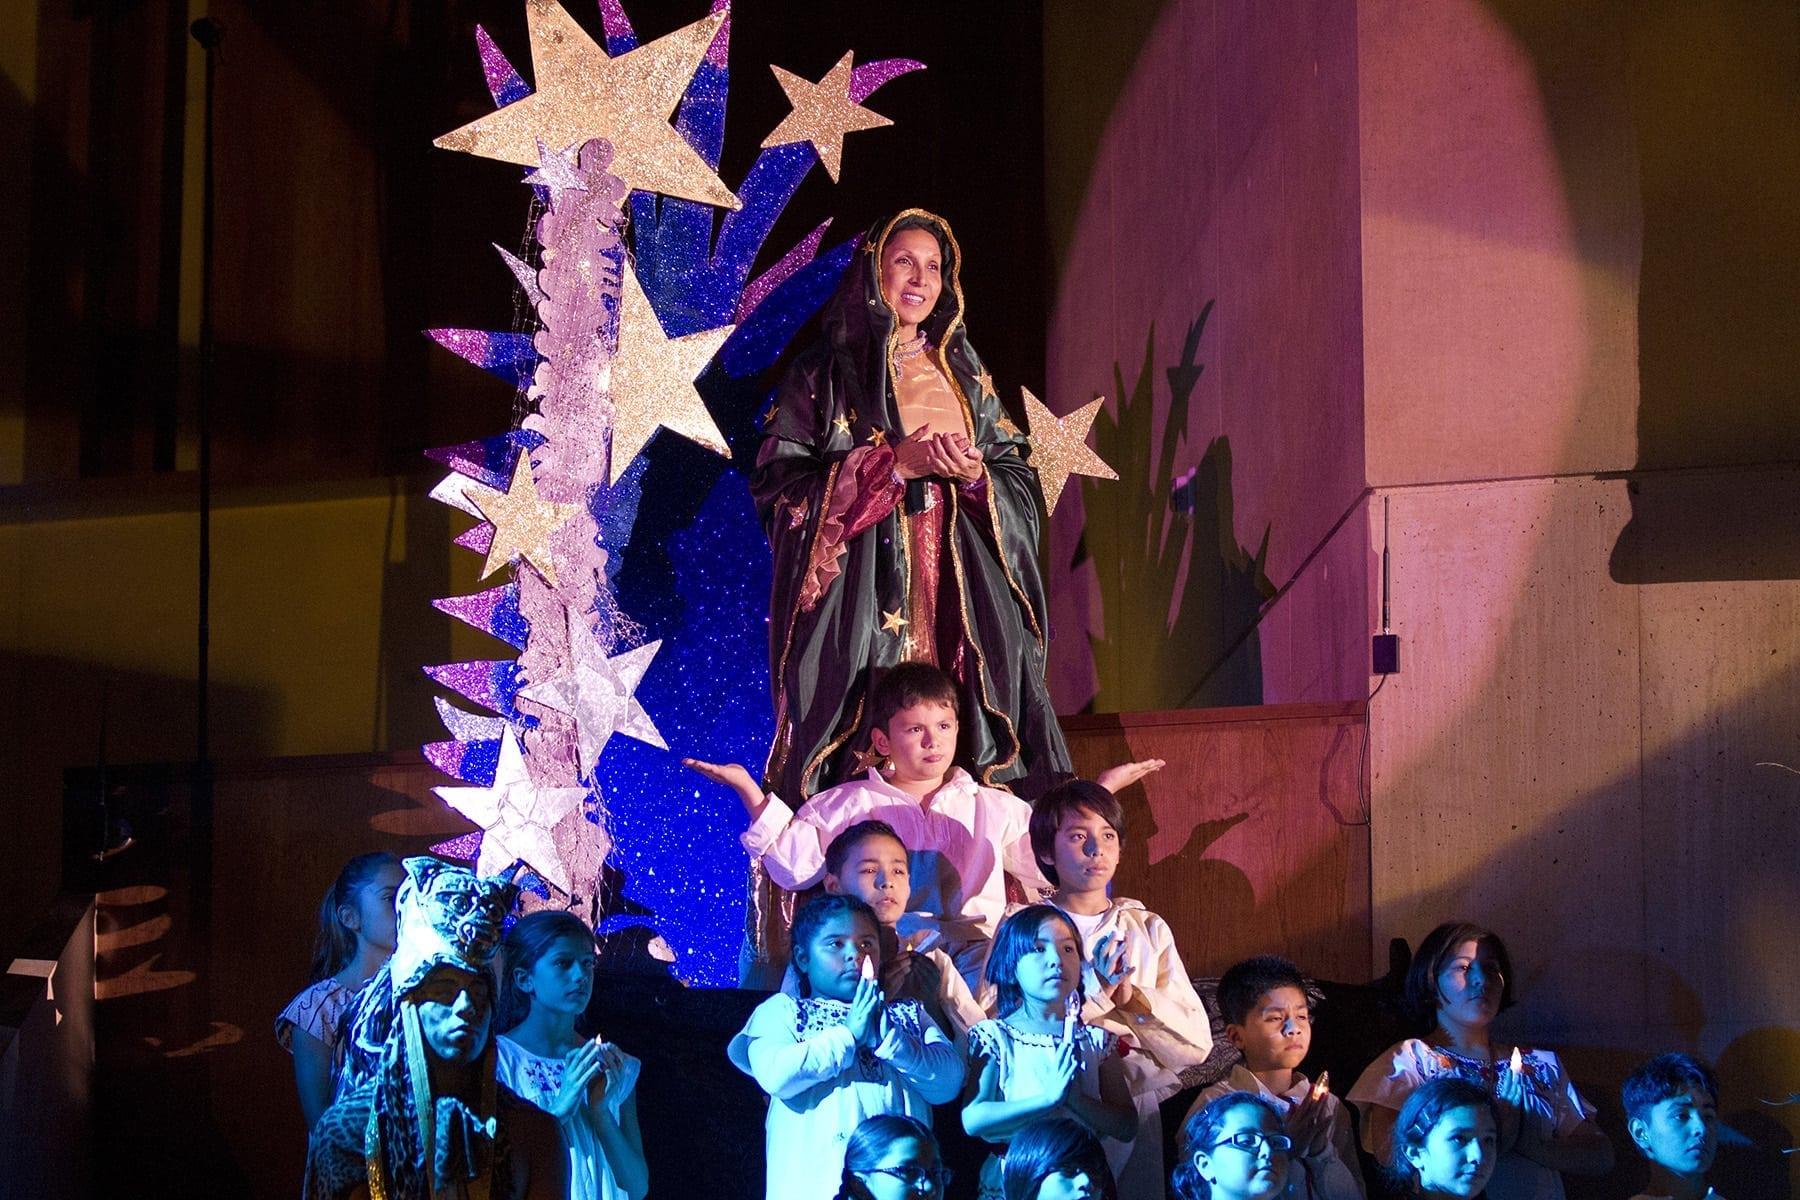 La Virgen de Guadalupe, Dios Inantzin